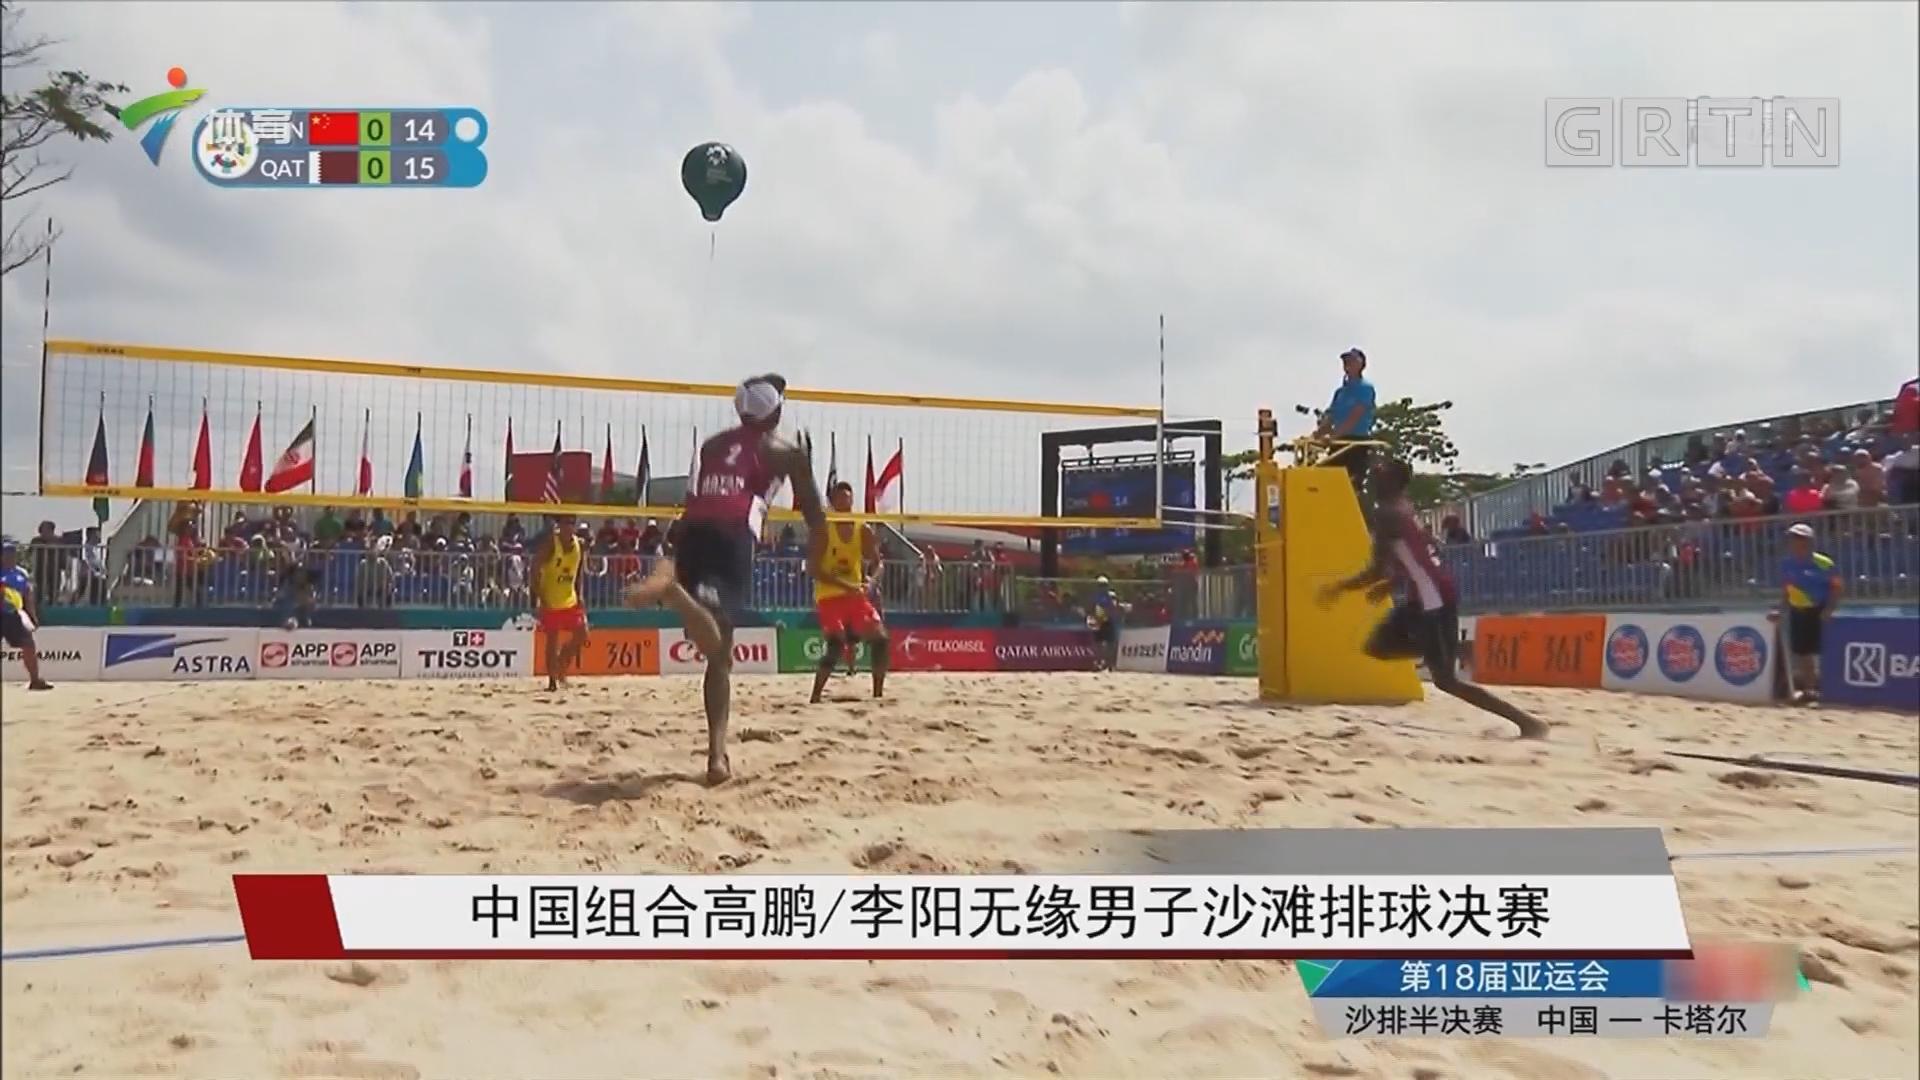 中国组合高鹏/李阳无缘男子沙滩排球决赛